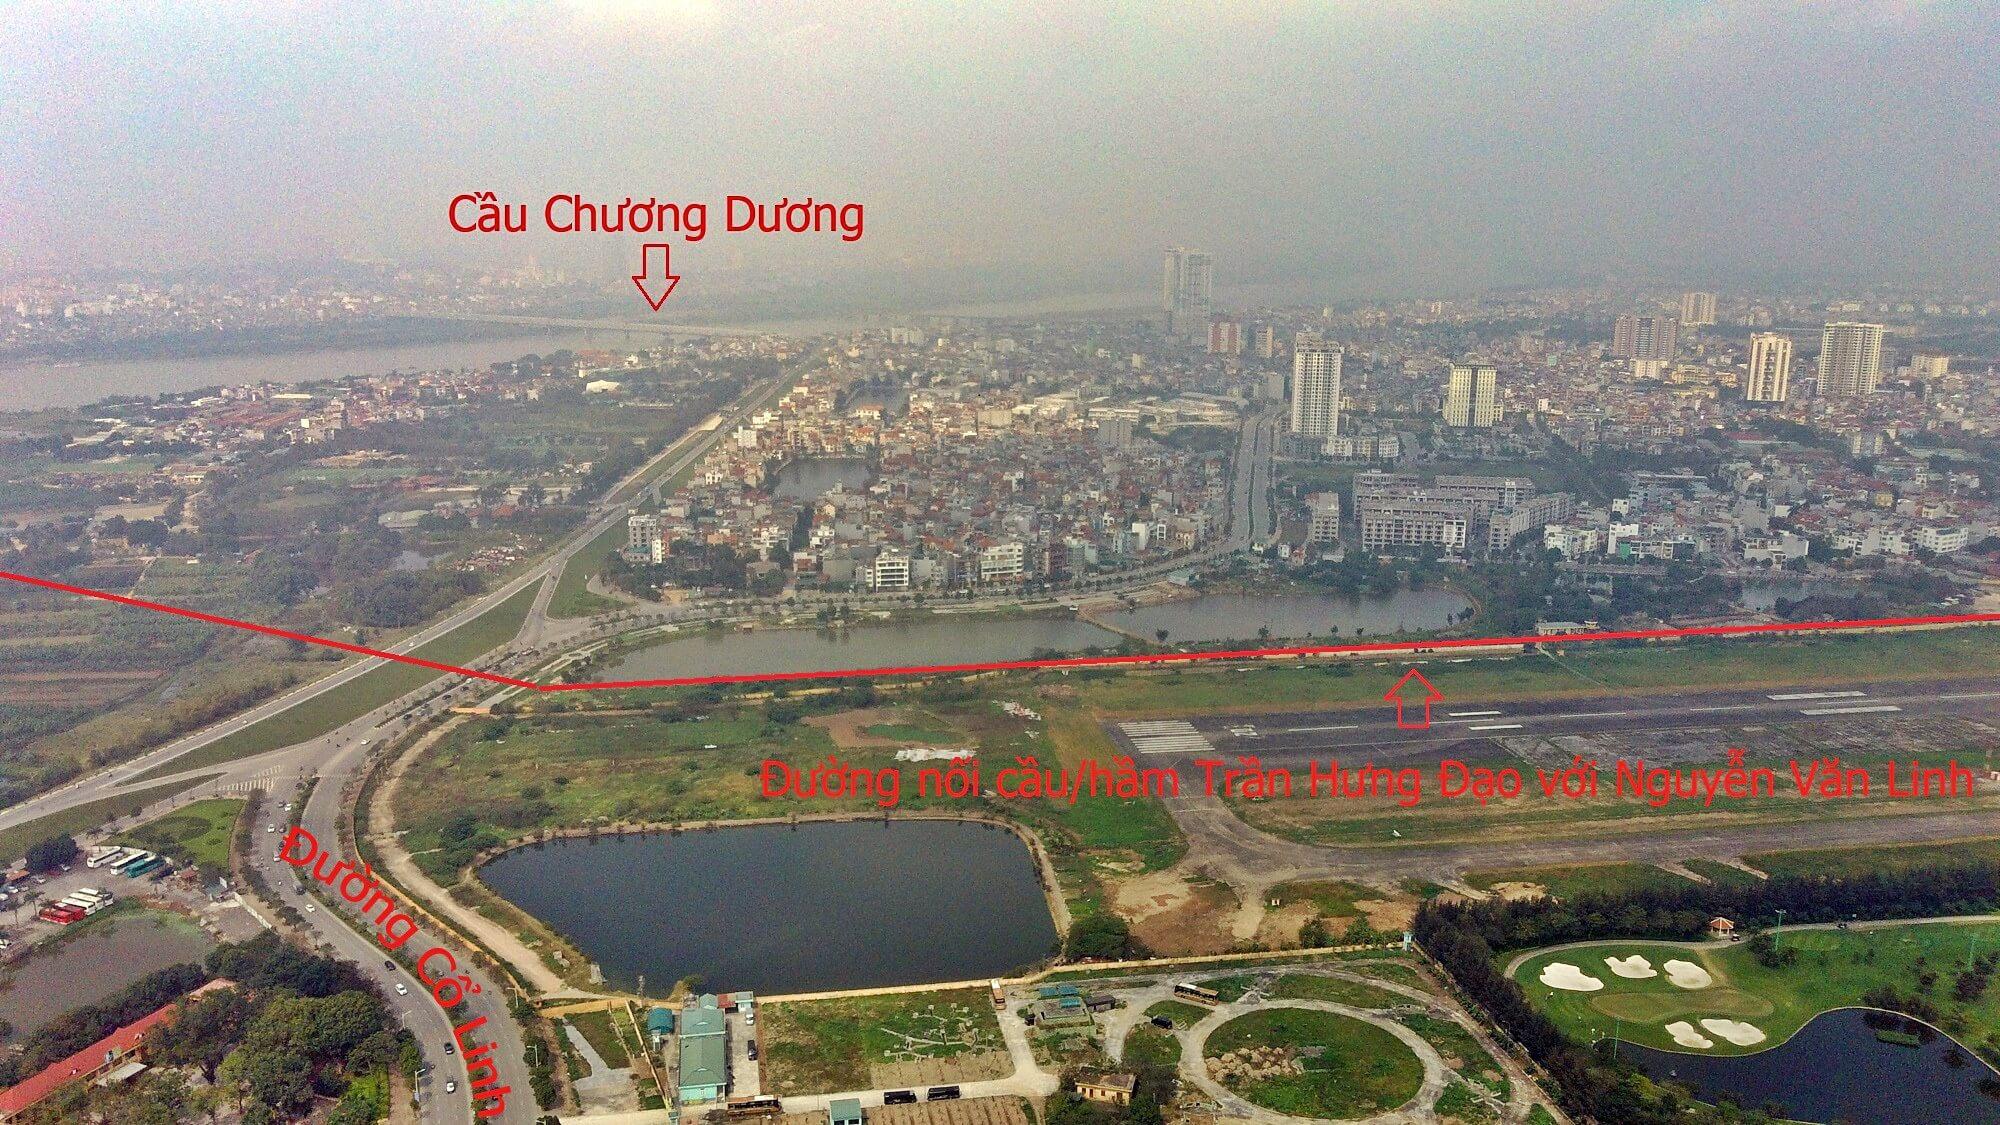 Hầm/cầu Trần Hưng Đạo có kết nối trực tiếp với đường Nguyễn Văn Linh.